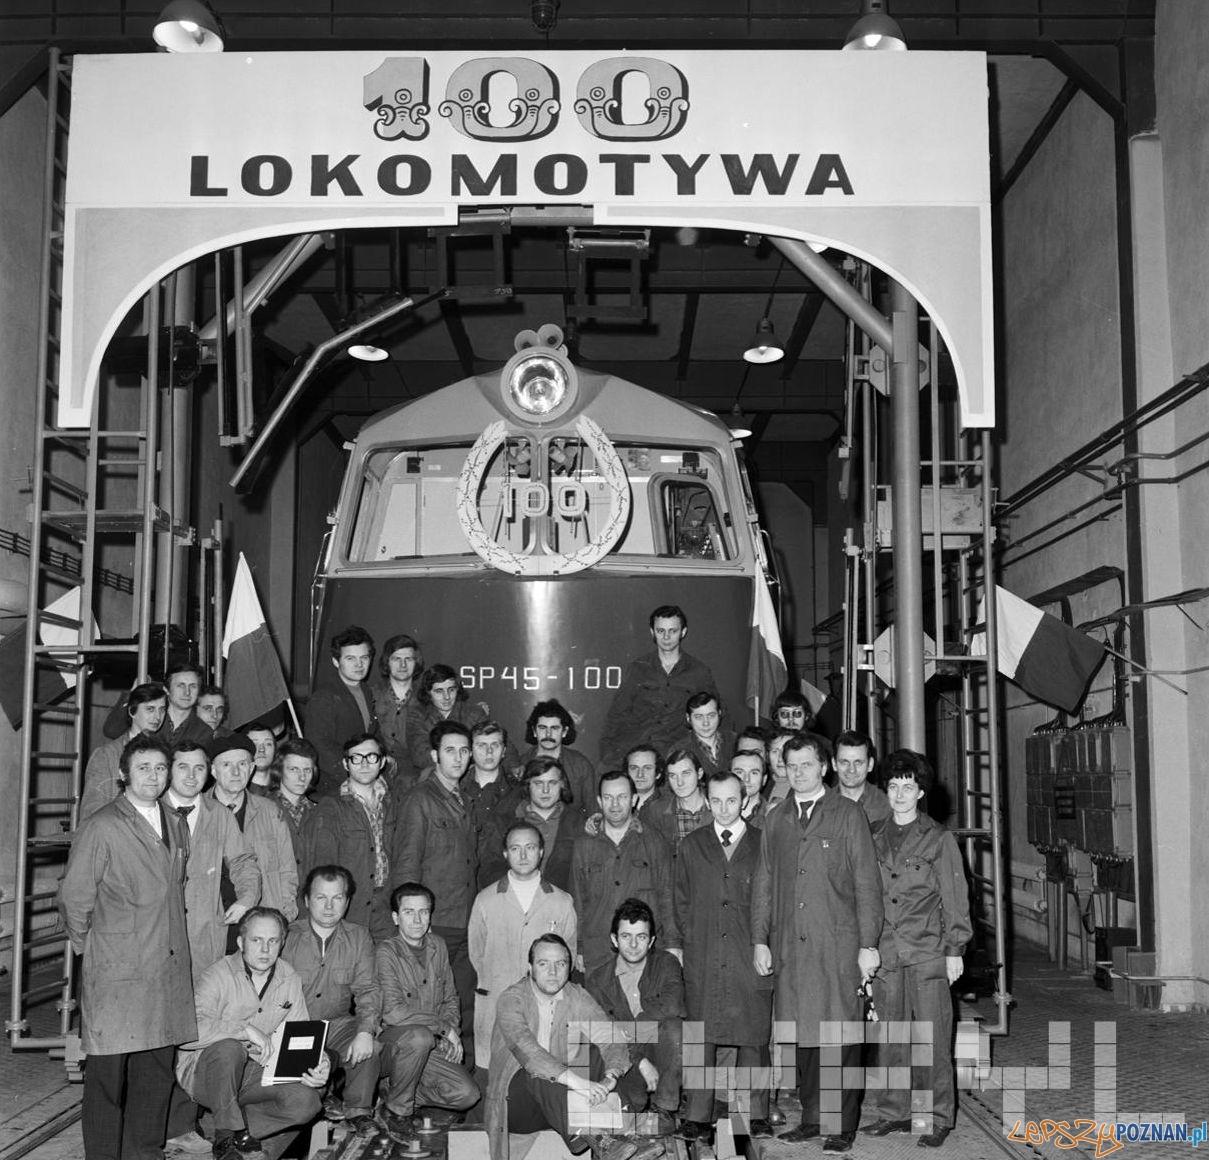 100 lokomotywa spalinowa wyprodukowana w Zakładach Cegielskiego  Foto: Stanisław Wiktor / Cyryl